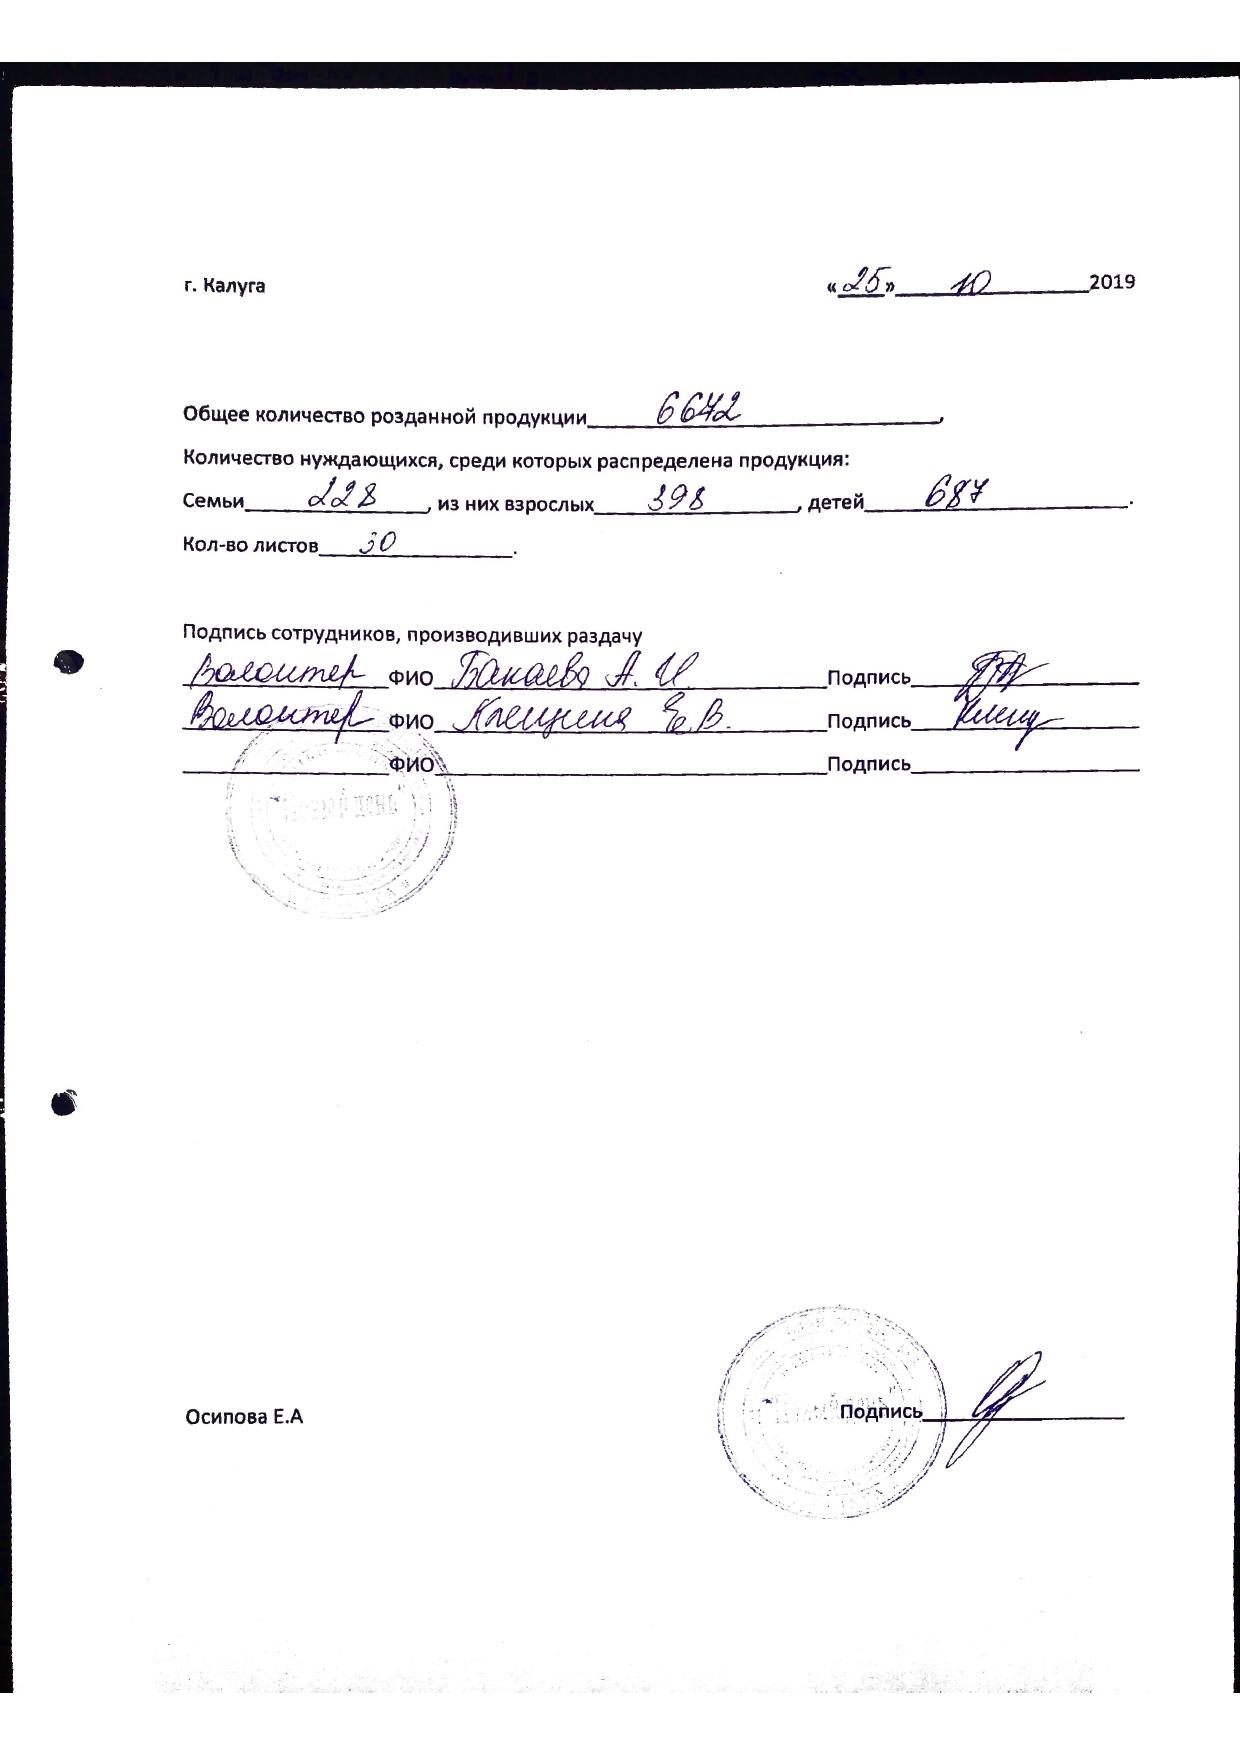 Молочка кол-во 25.10.2019